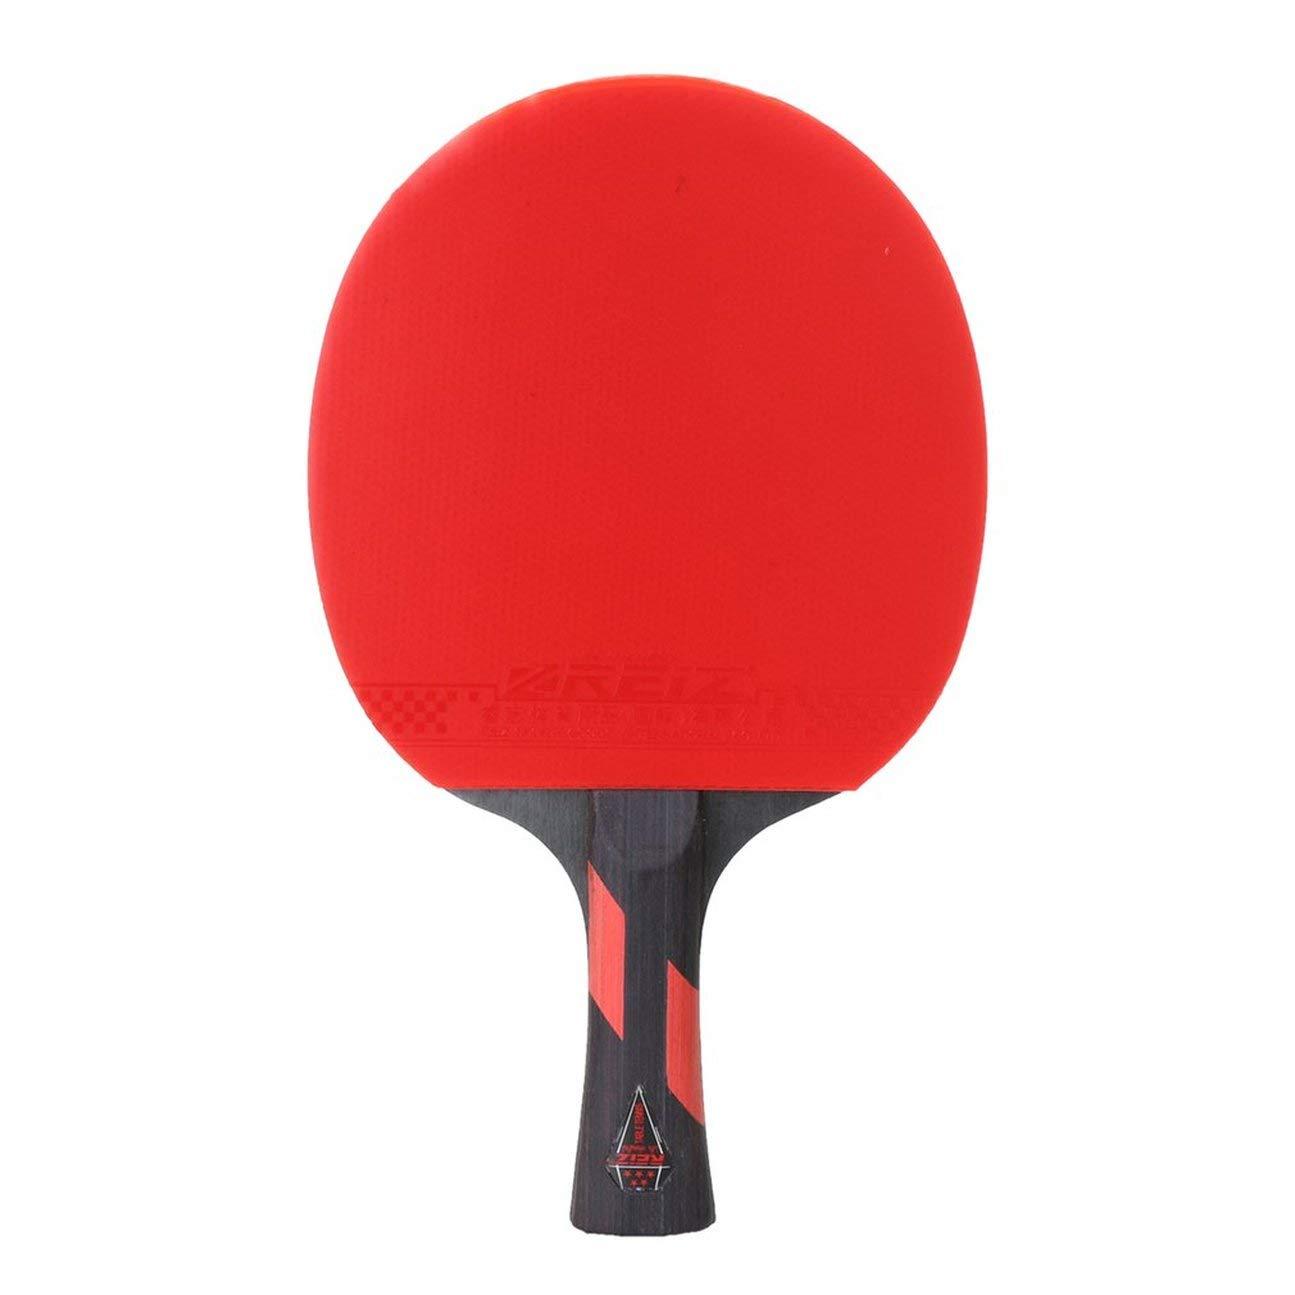 Farbe: rot /& schwarz HIPENGYANBAIHU Reiz 5 Sterne Tischtennisschl/äger Kurzer oder Langer Griff Shake-Hand Ping Pong Paddle Match Trainingsschl/äger mit Tasche